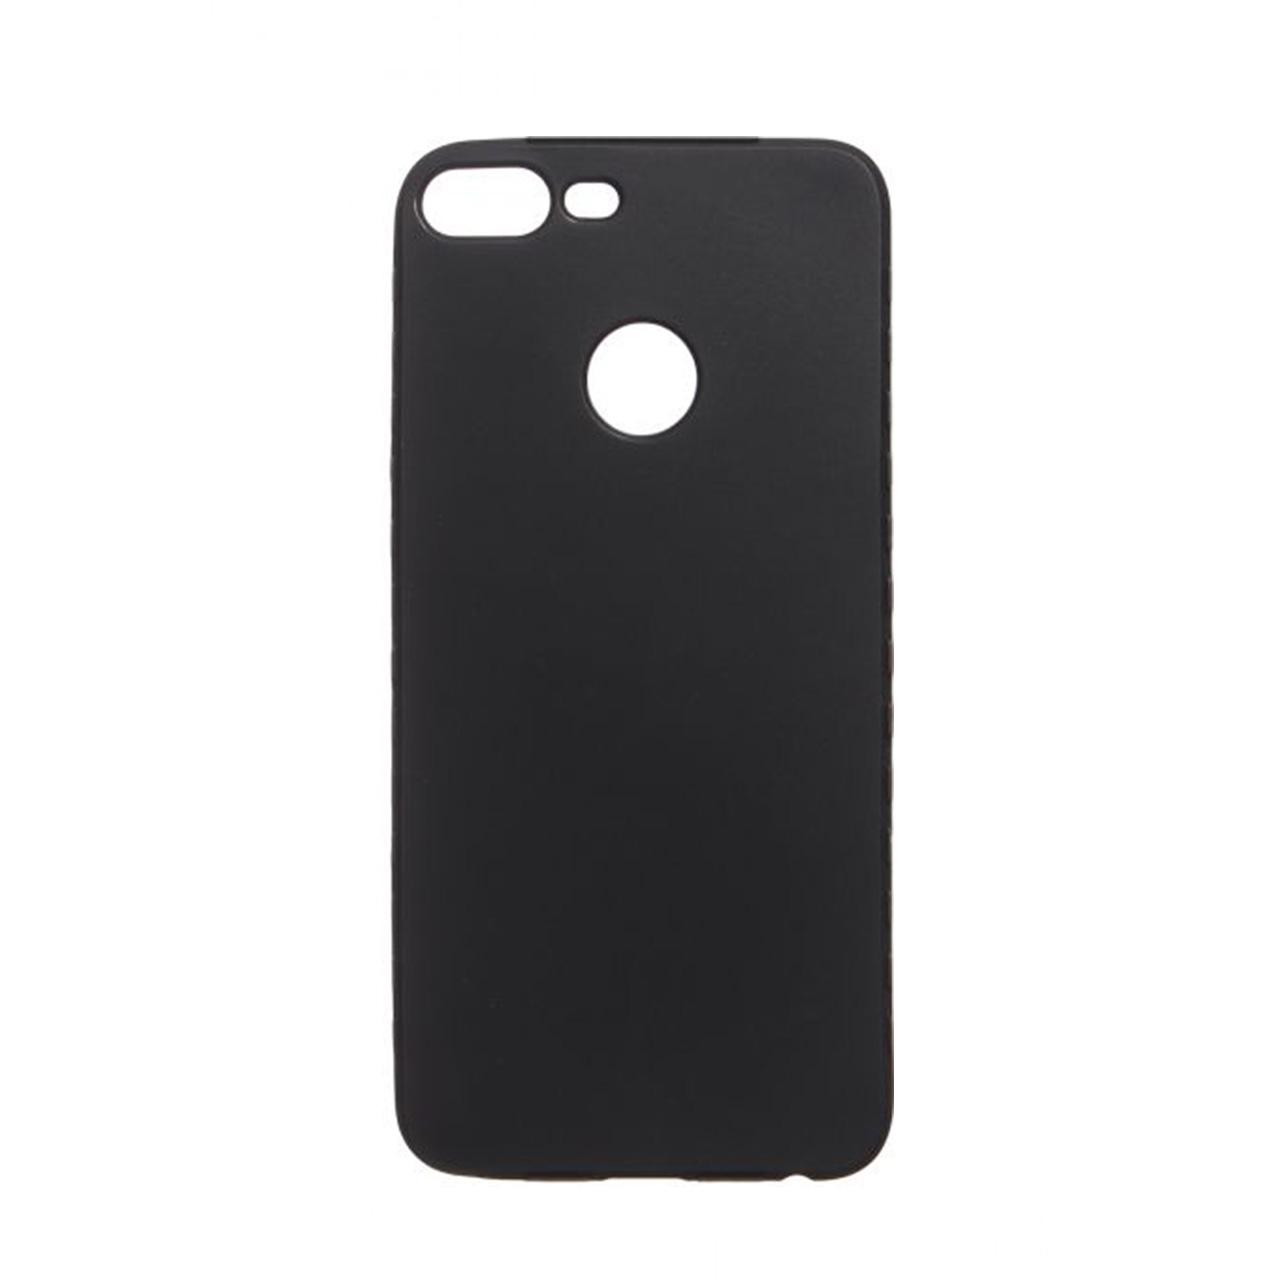 کاور مدل S-51 مناسب برای گوشی موبایل هواوی Honor 9 lite              ( قیمت و خرید)